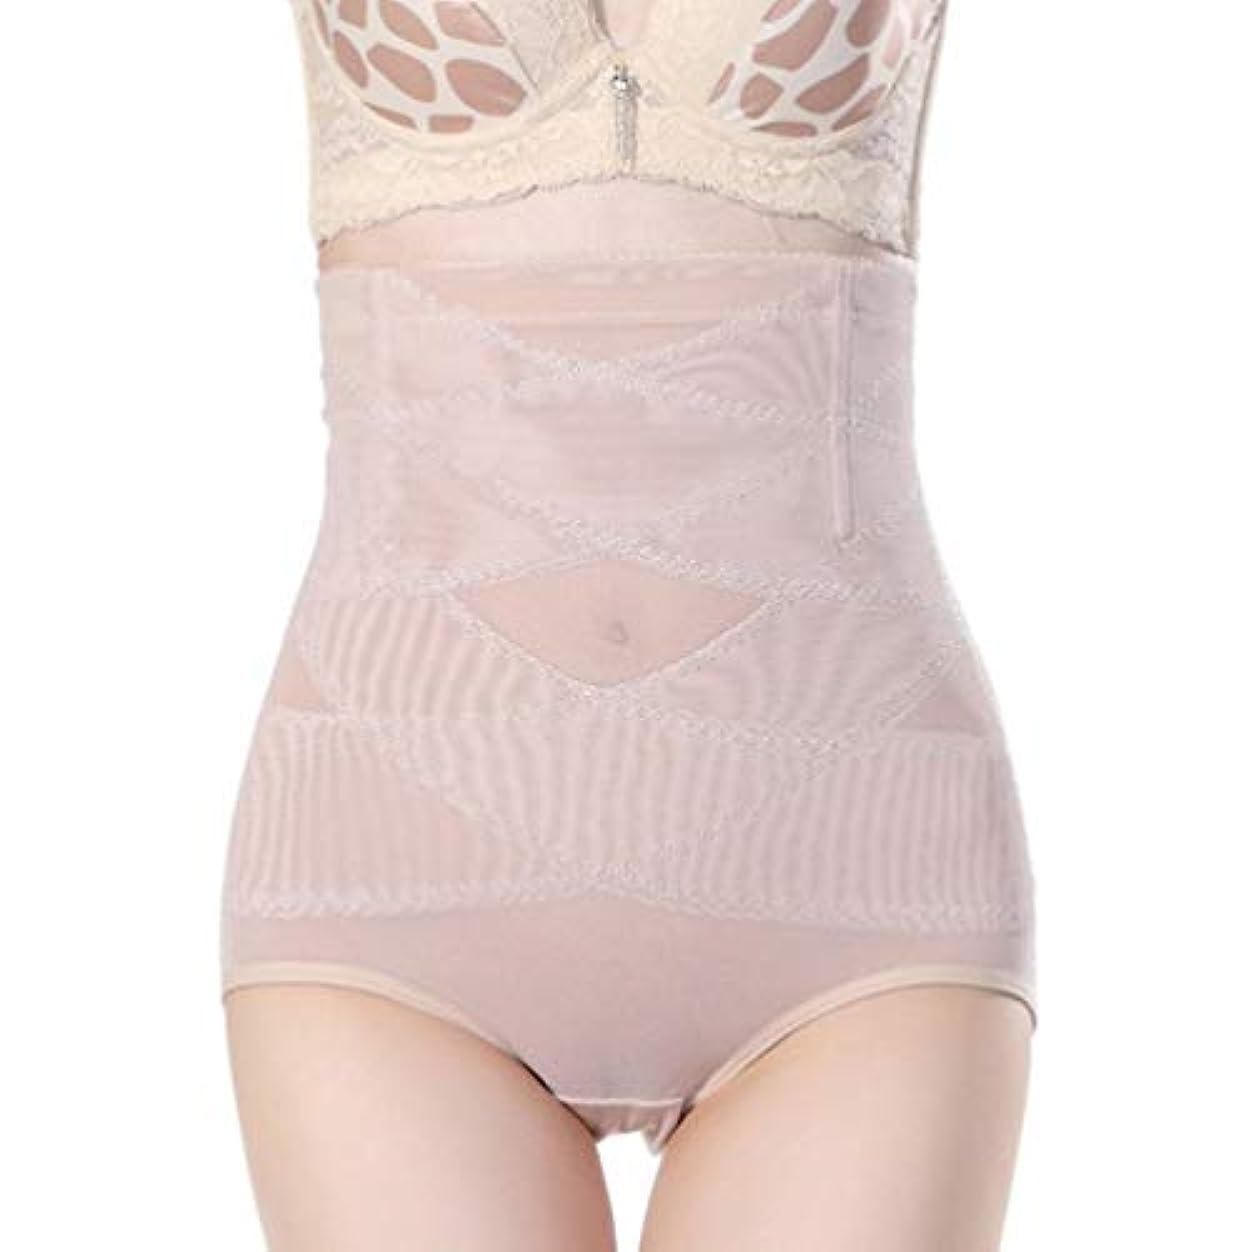 無傷アプト理容室腹部制御下着シームレスおなかコントロールパンティーバットリフターボディシェイパーを痩身通気性のハイウエストの女性 - 肌色M